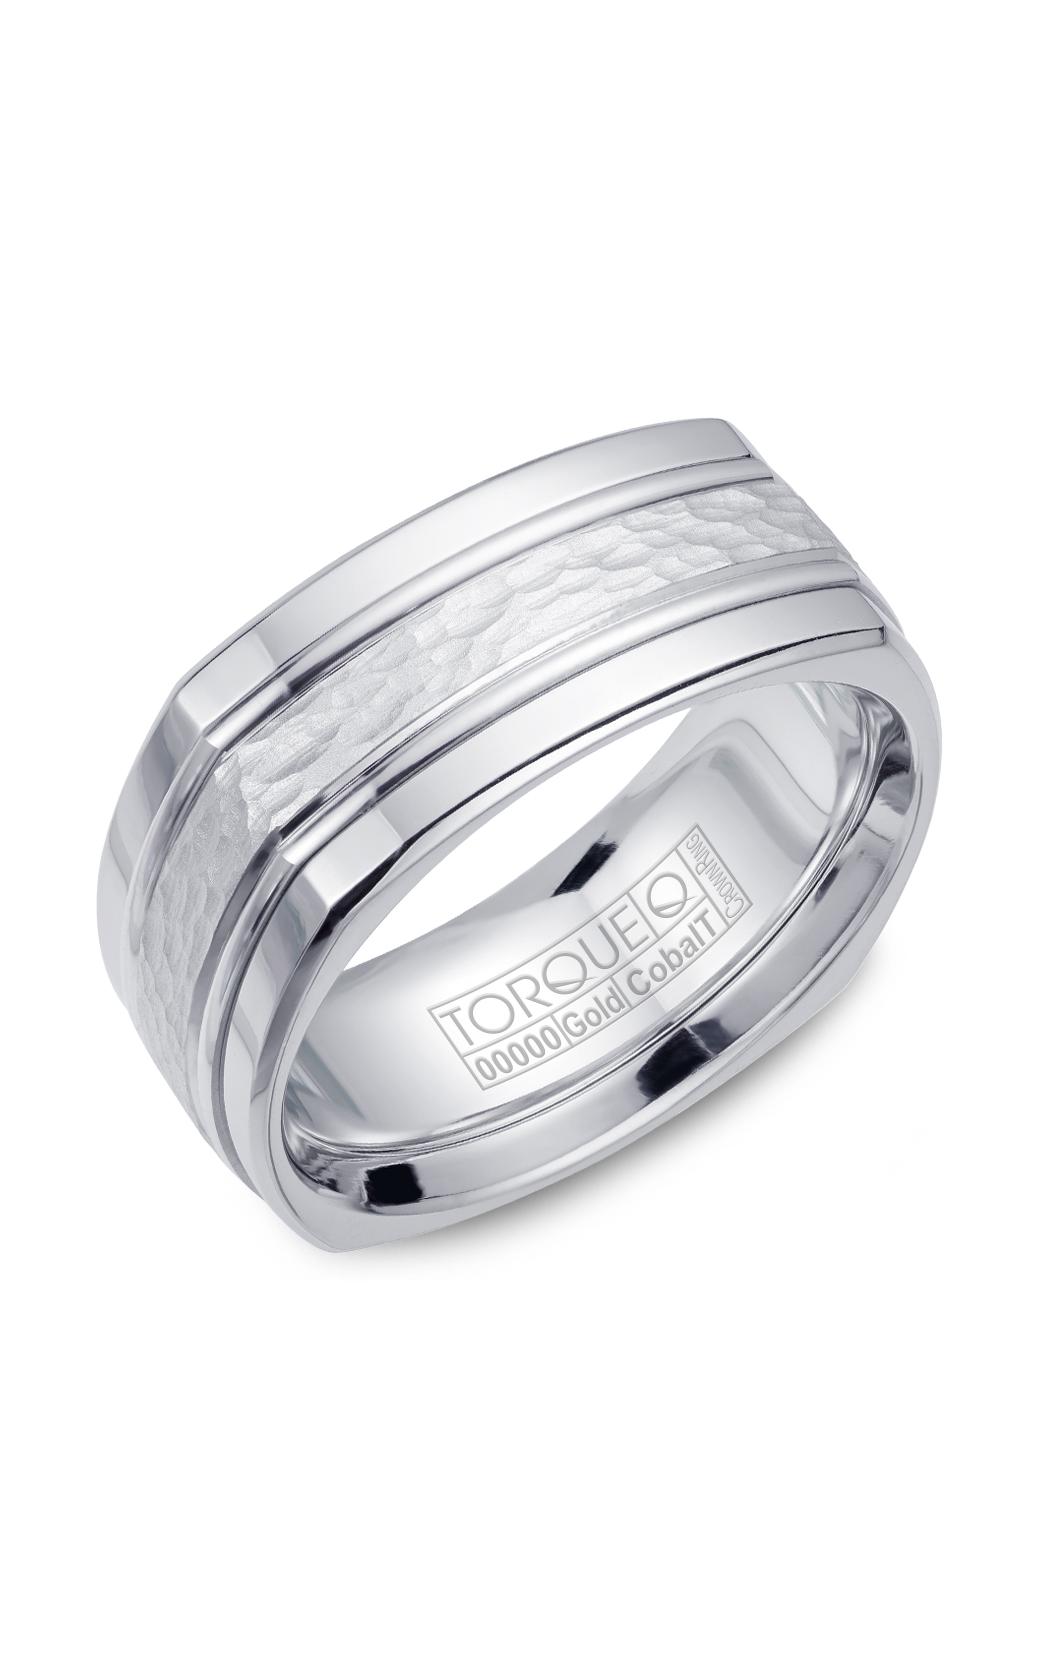 Torque Cobalt and Precious Metals CW060MW9 product image